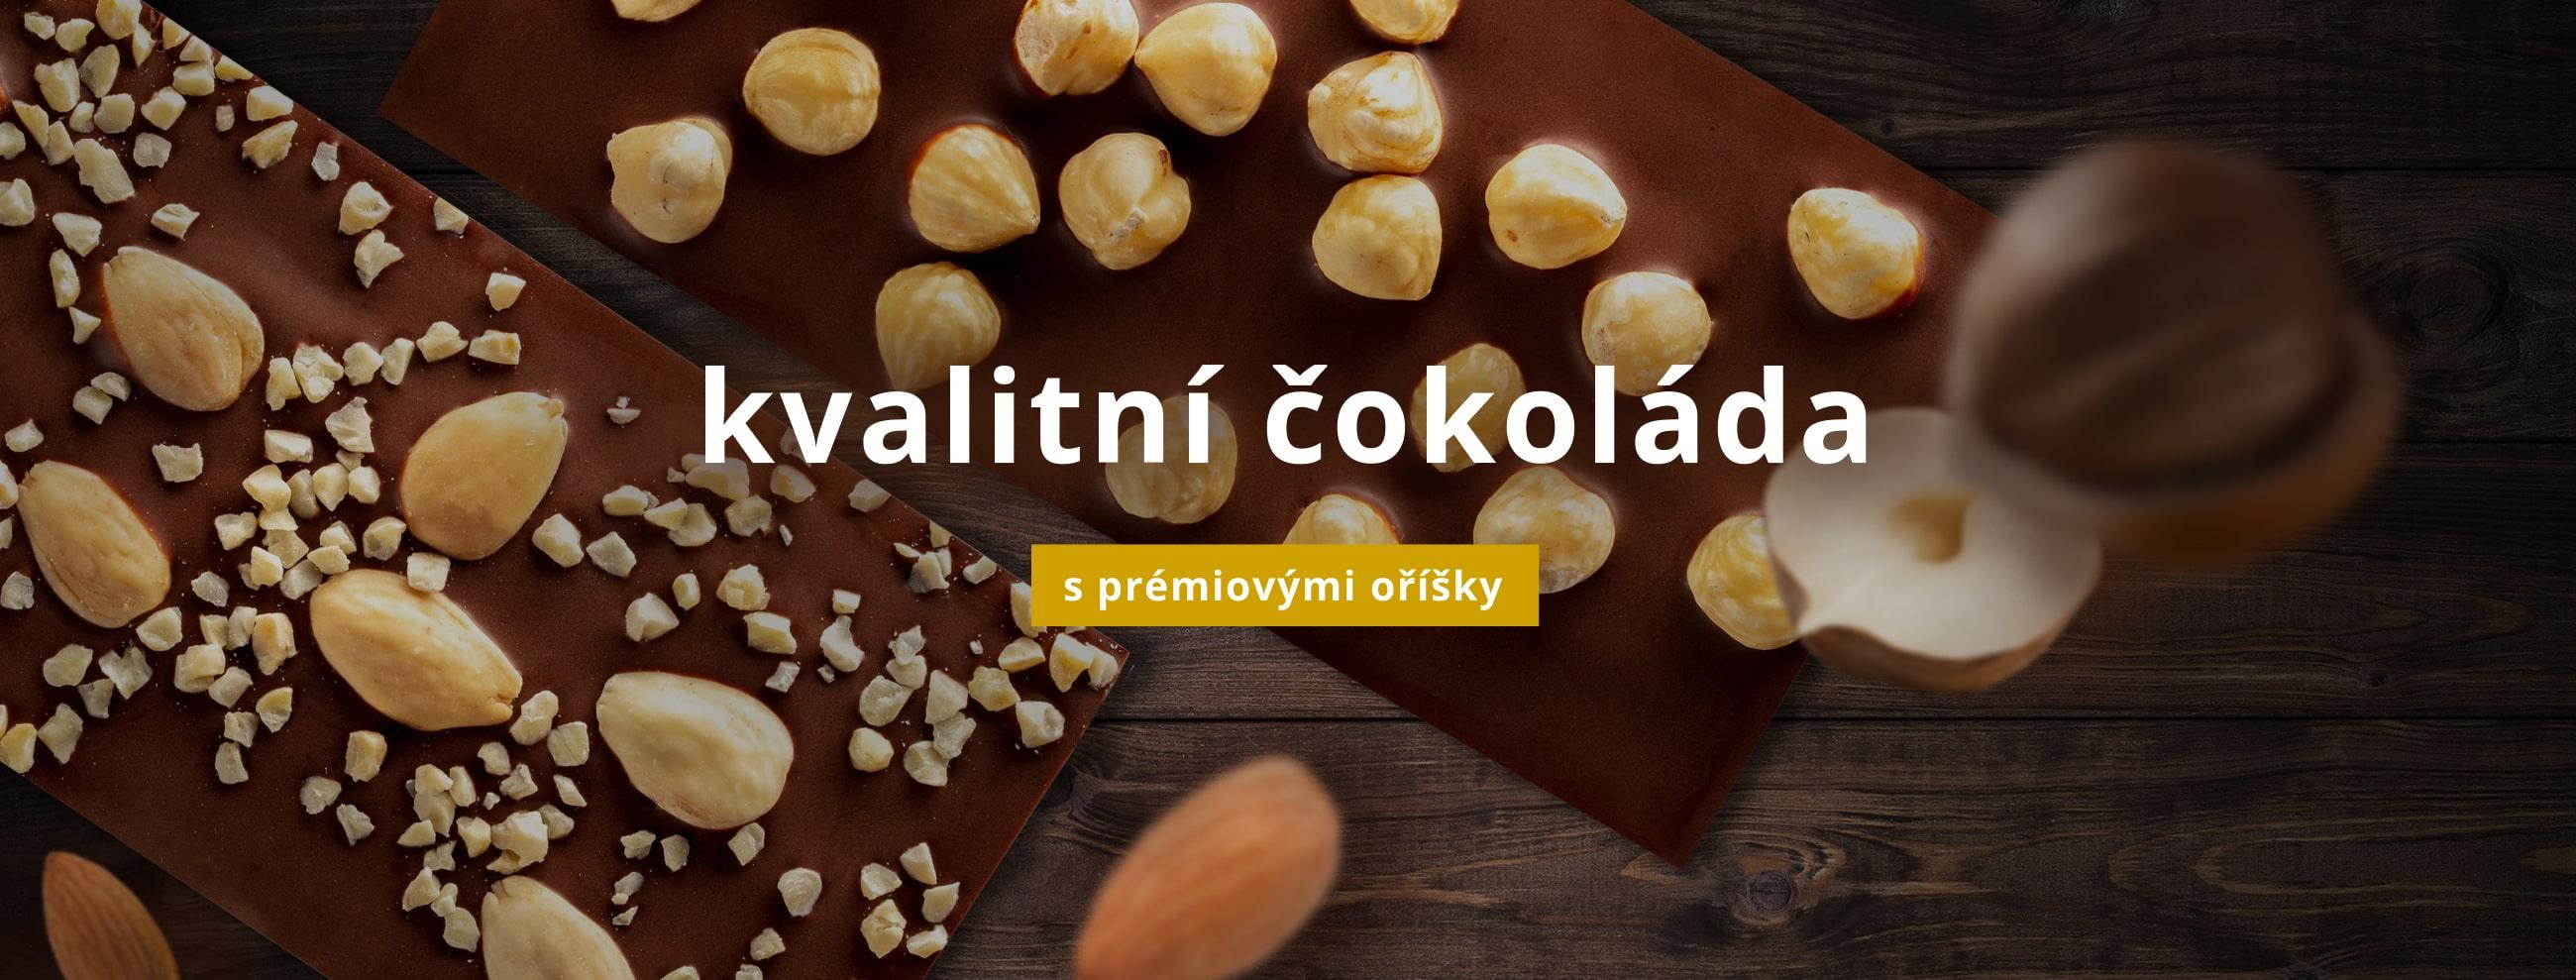 Kvalitní čokoláda s prémiovými oříšky